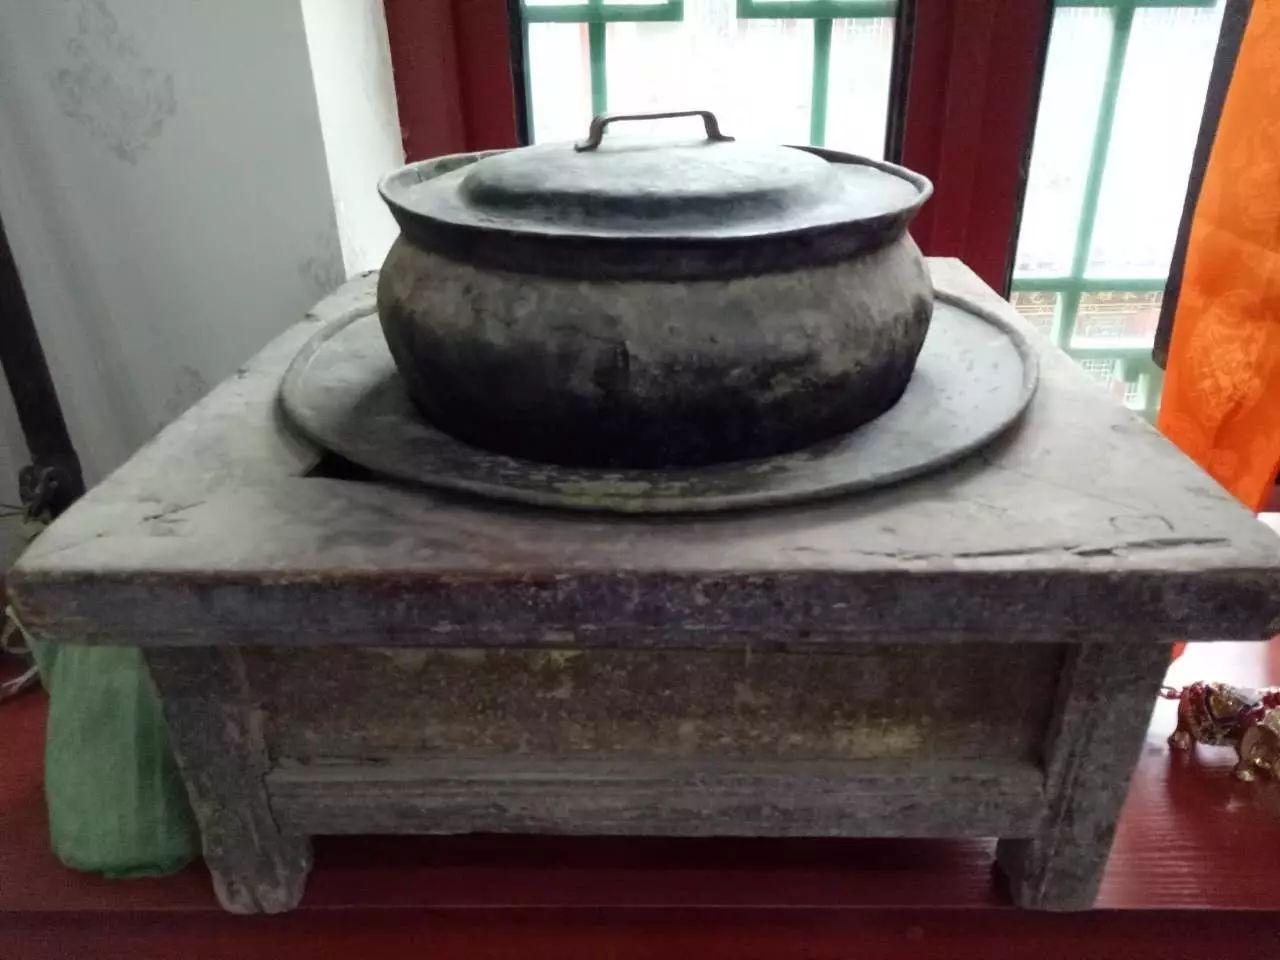 蒙古族青年宝尔金创办民俗文化展厅,看看都收藏了哪些物件? 第10张 蒙古族青年宝尔金创办民俗文化展厅,看看都收藏了哪些物件? 蒙古工艺